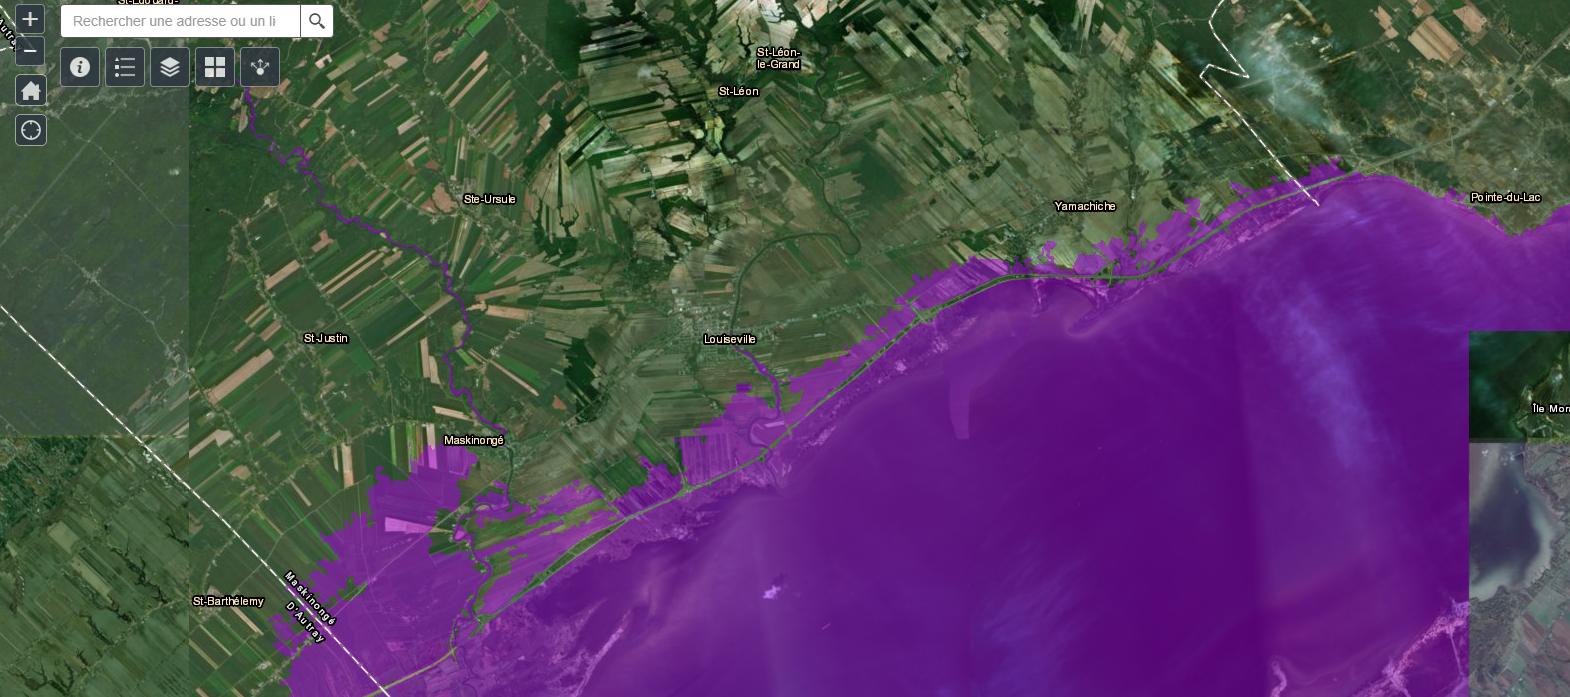 Une nouvelle cartographie sur les zones inondables